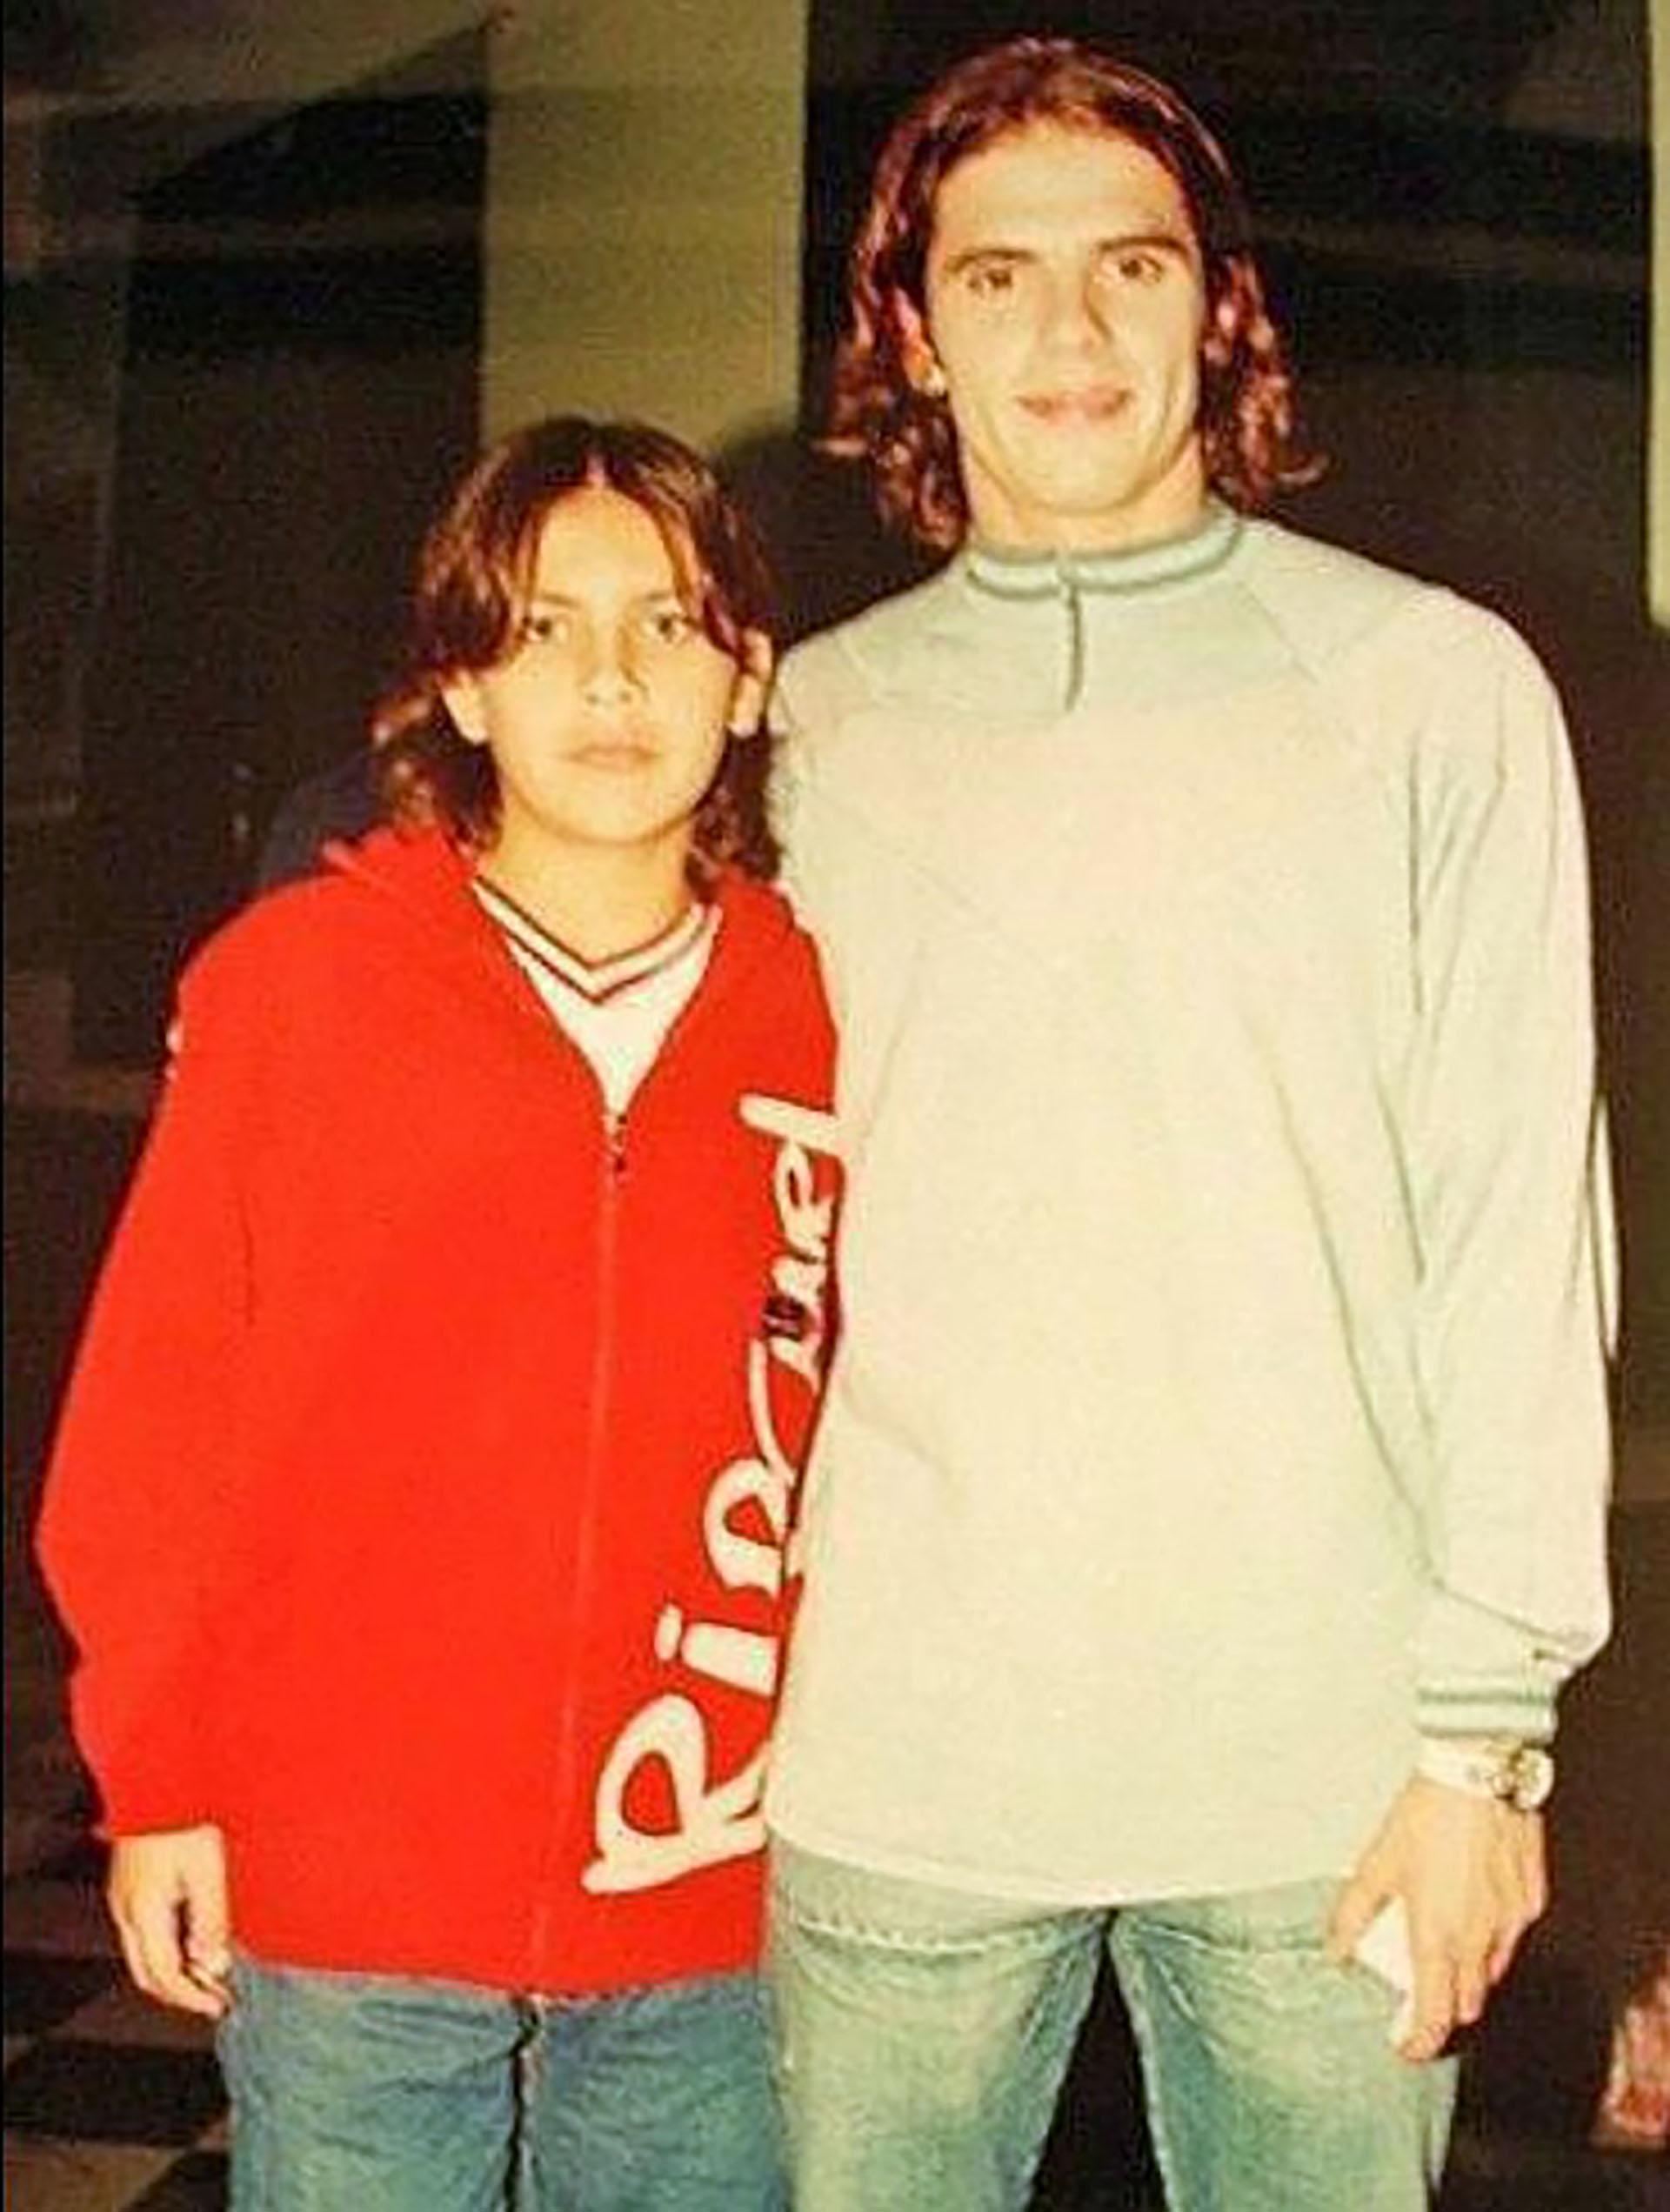 Leandro Paredes y su foto junto a Fernando Gago, uno de sus ídolos de chico